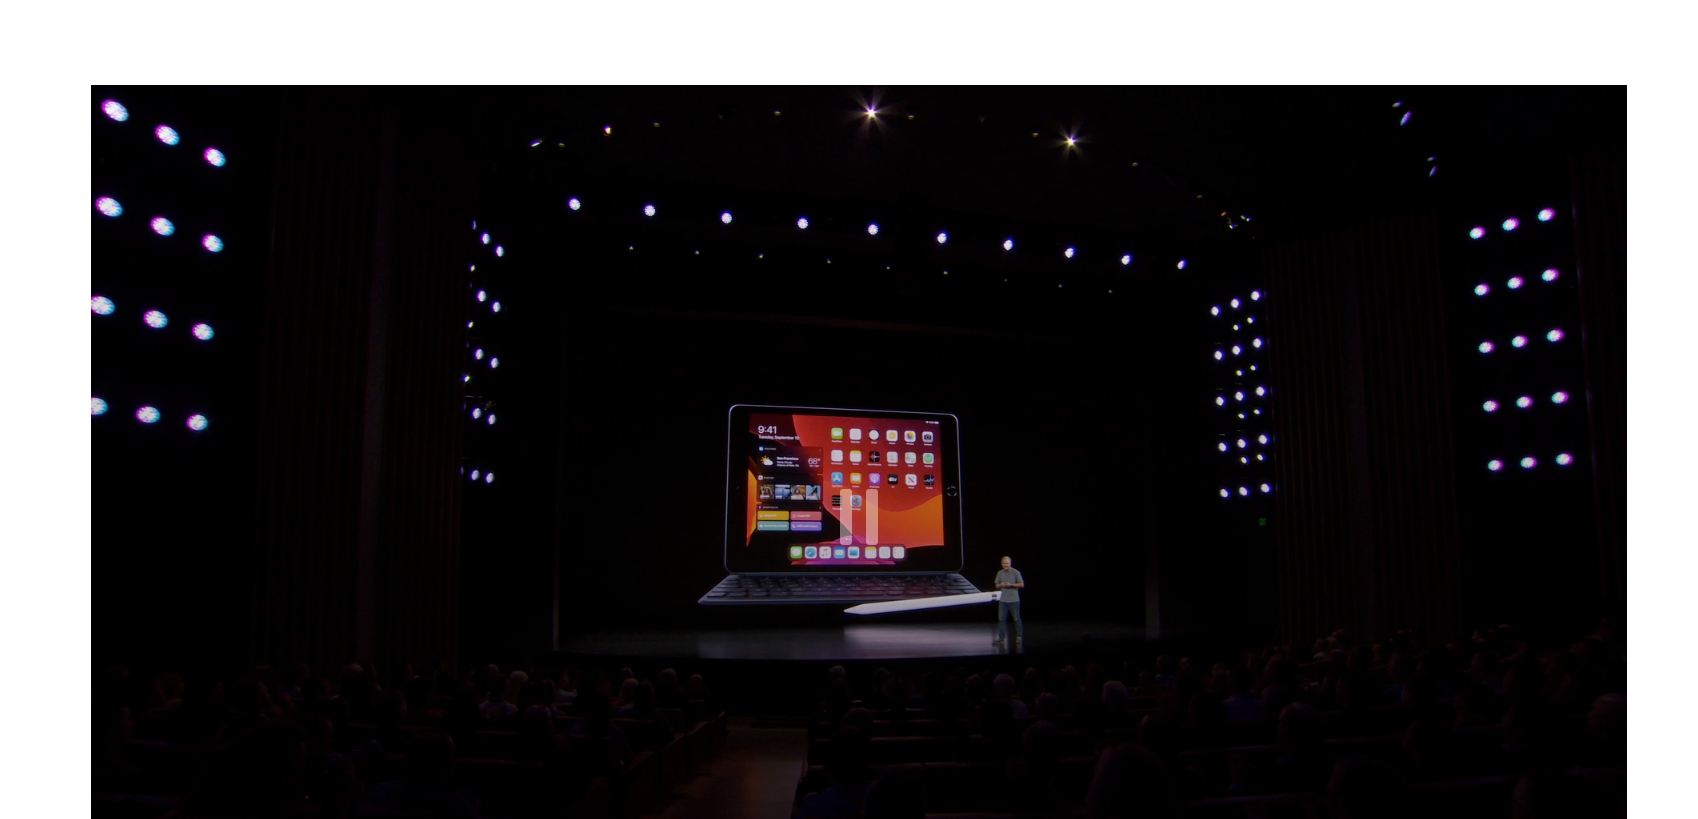 Nowy iPad 7 generacji trafi do sprzedaży 30 września w USA